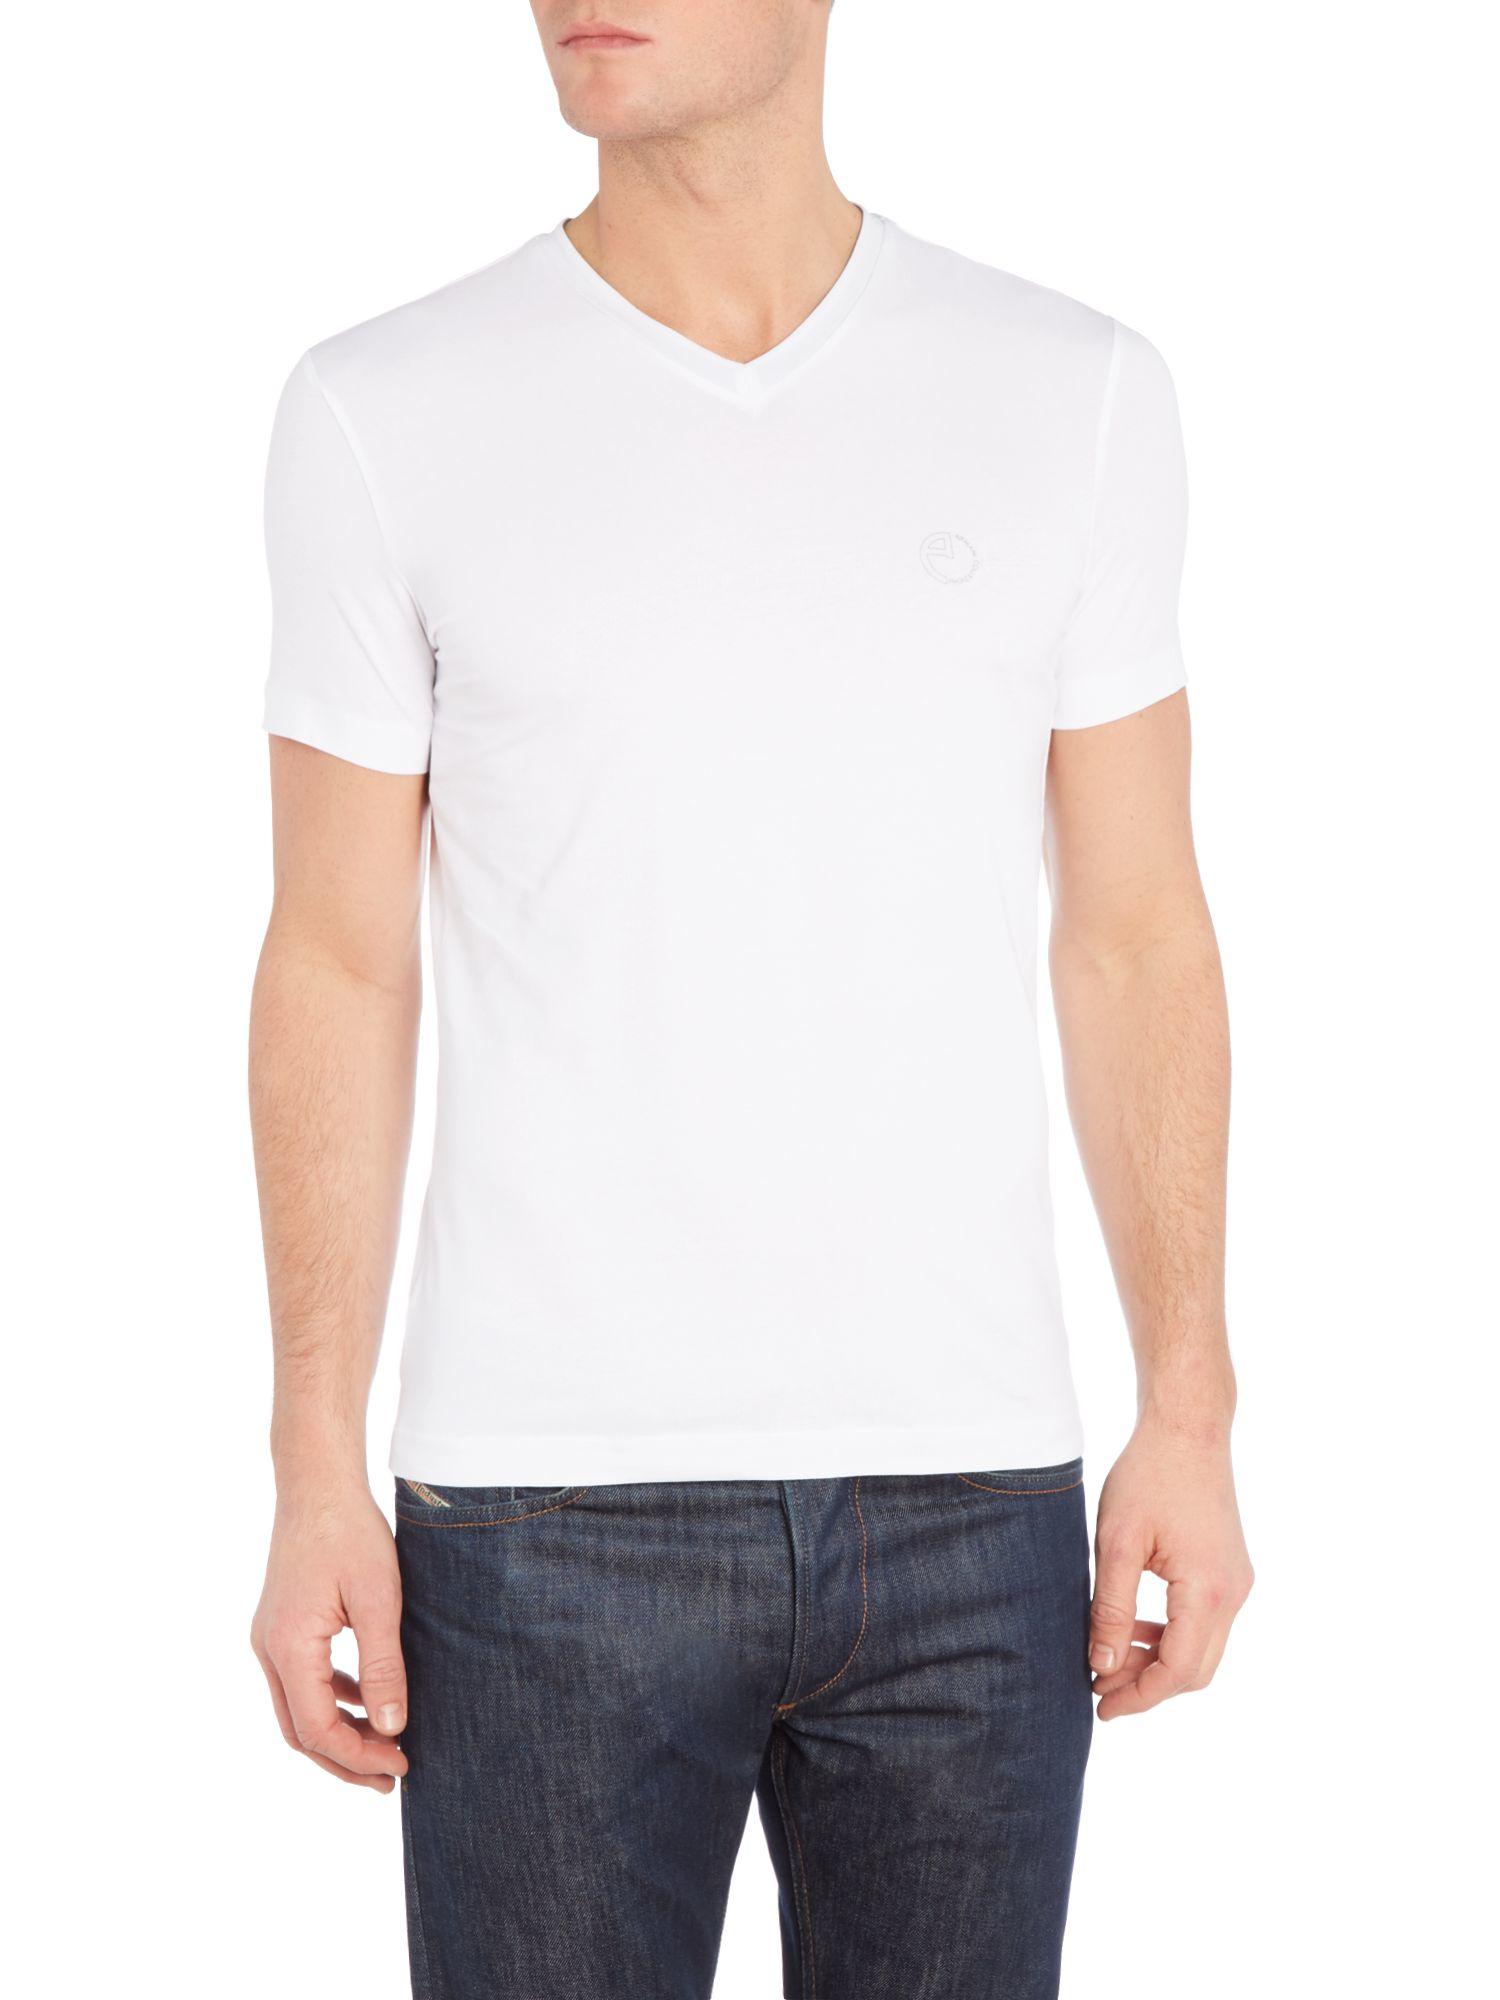 Armani v neck logo t shirt in white for men lyst for White v neck shirt mens